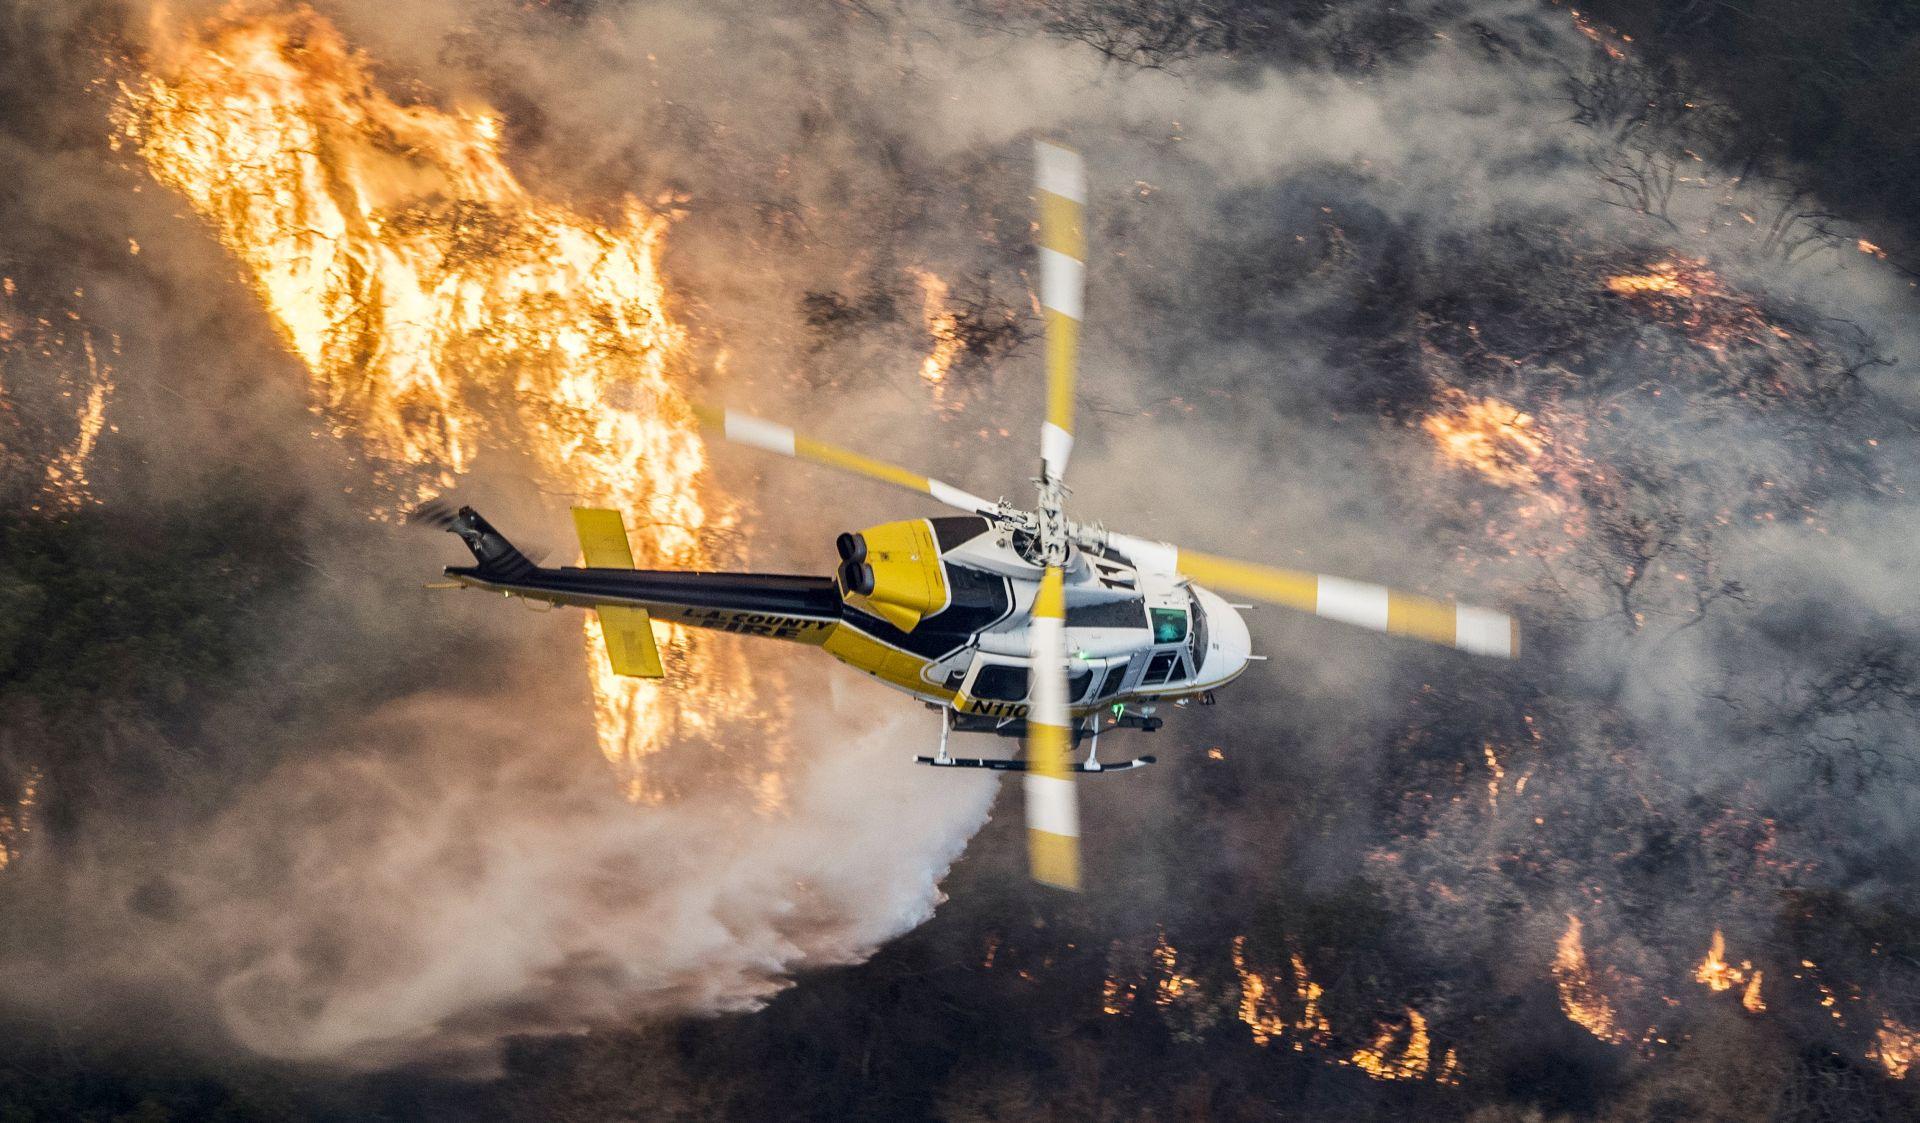 KALIFORNIJA Katastrofalni požari i dalje nisu pod kontrolom